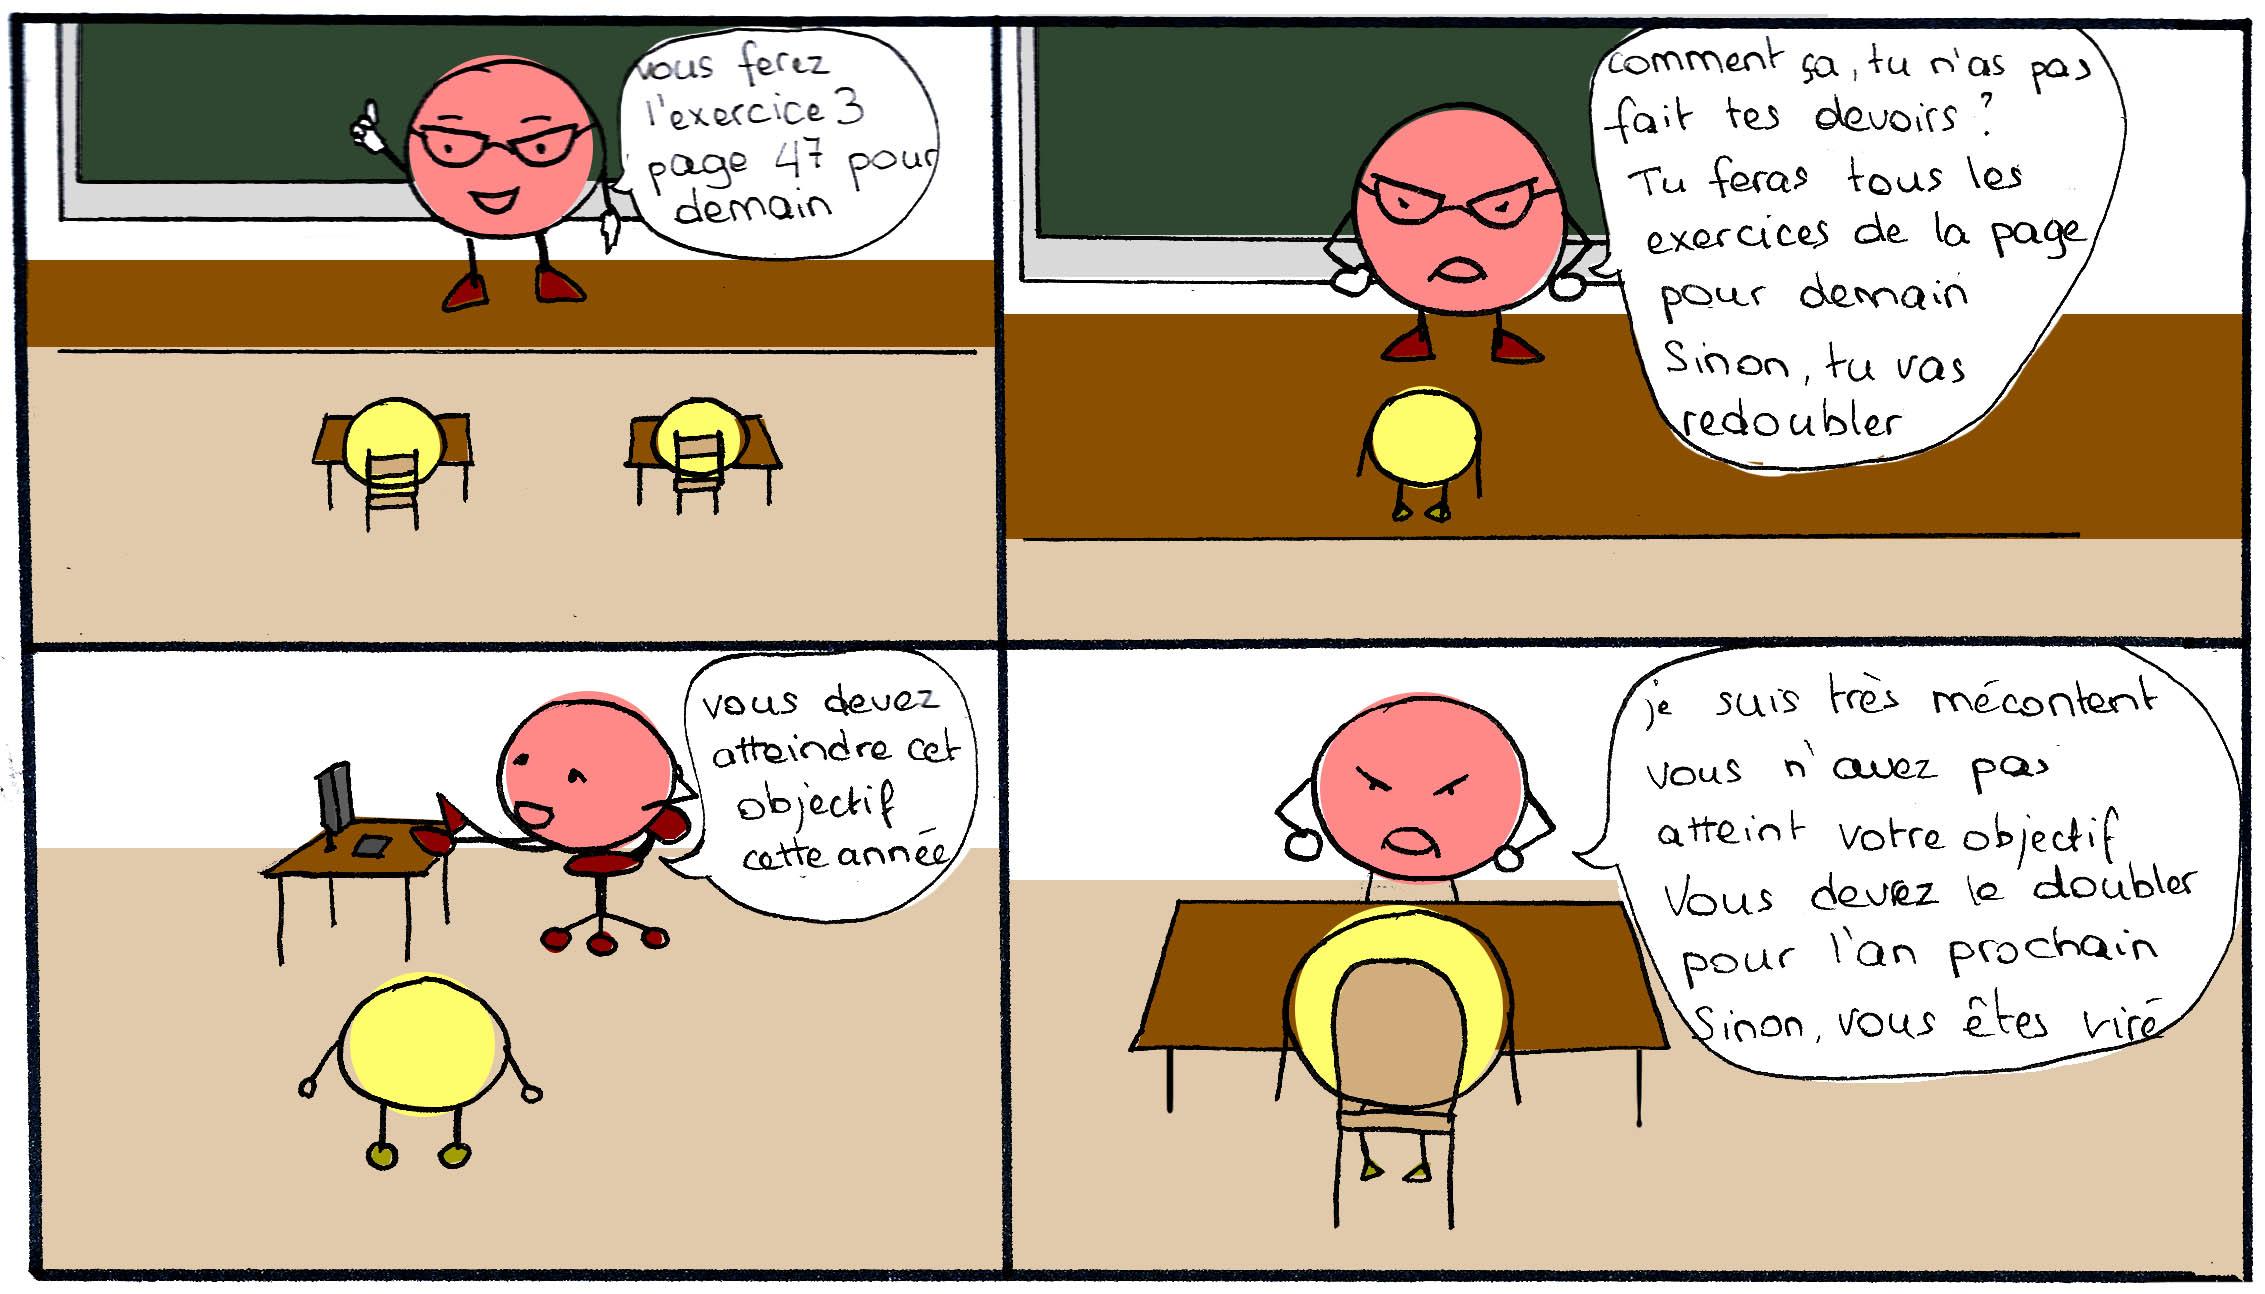 Le professeur donne des devoirs et menace l'élève de redoublement. Le patron donne des objectifs et menace le salarié de licenciement.